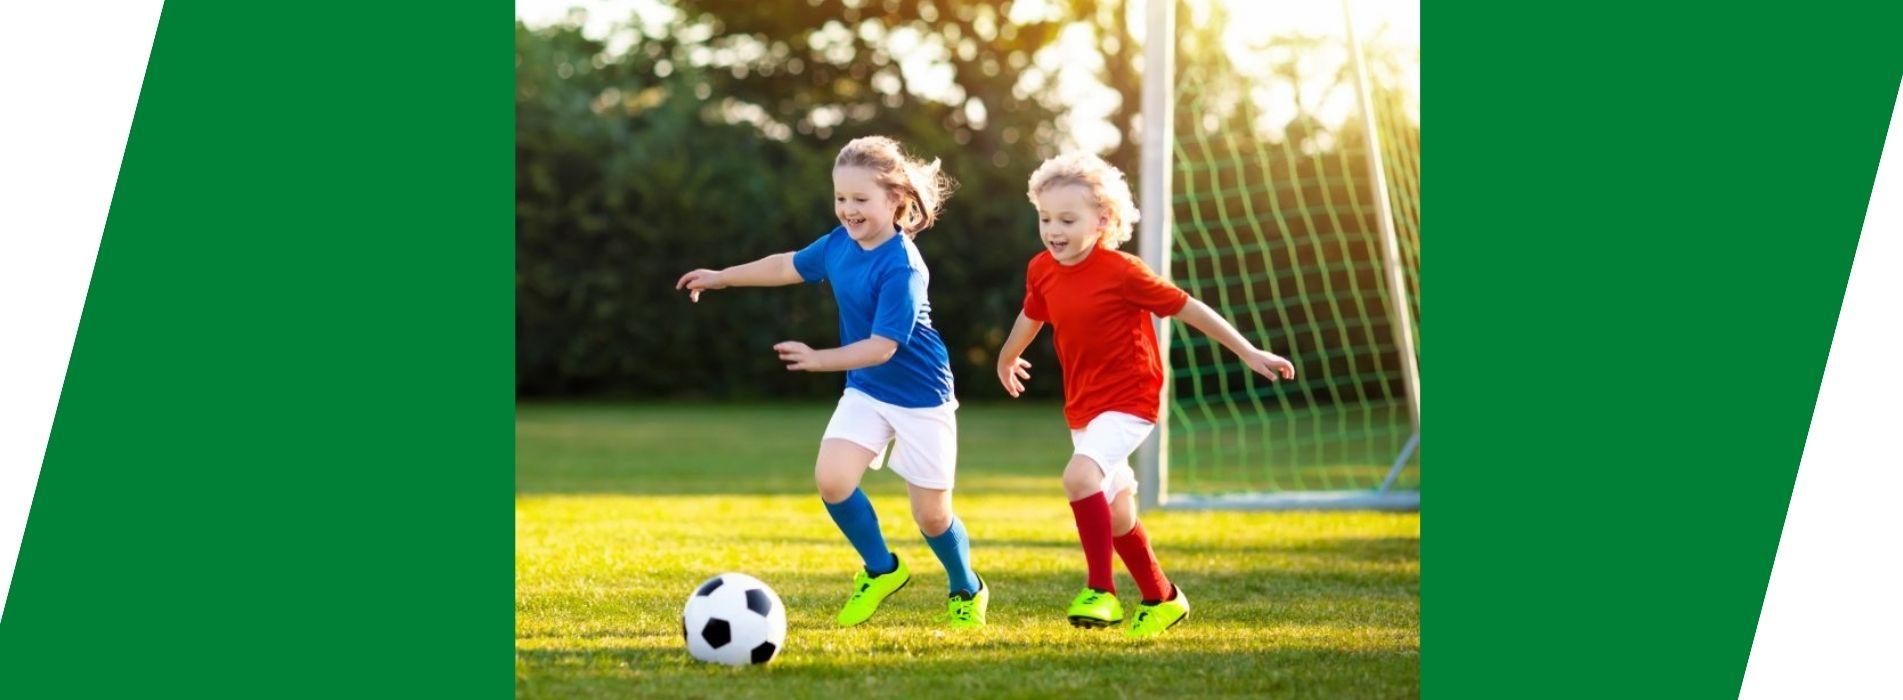 Объявляется набор мальчиков и девочек 4-8 лет! Занятия проходят во всех районах Брянска